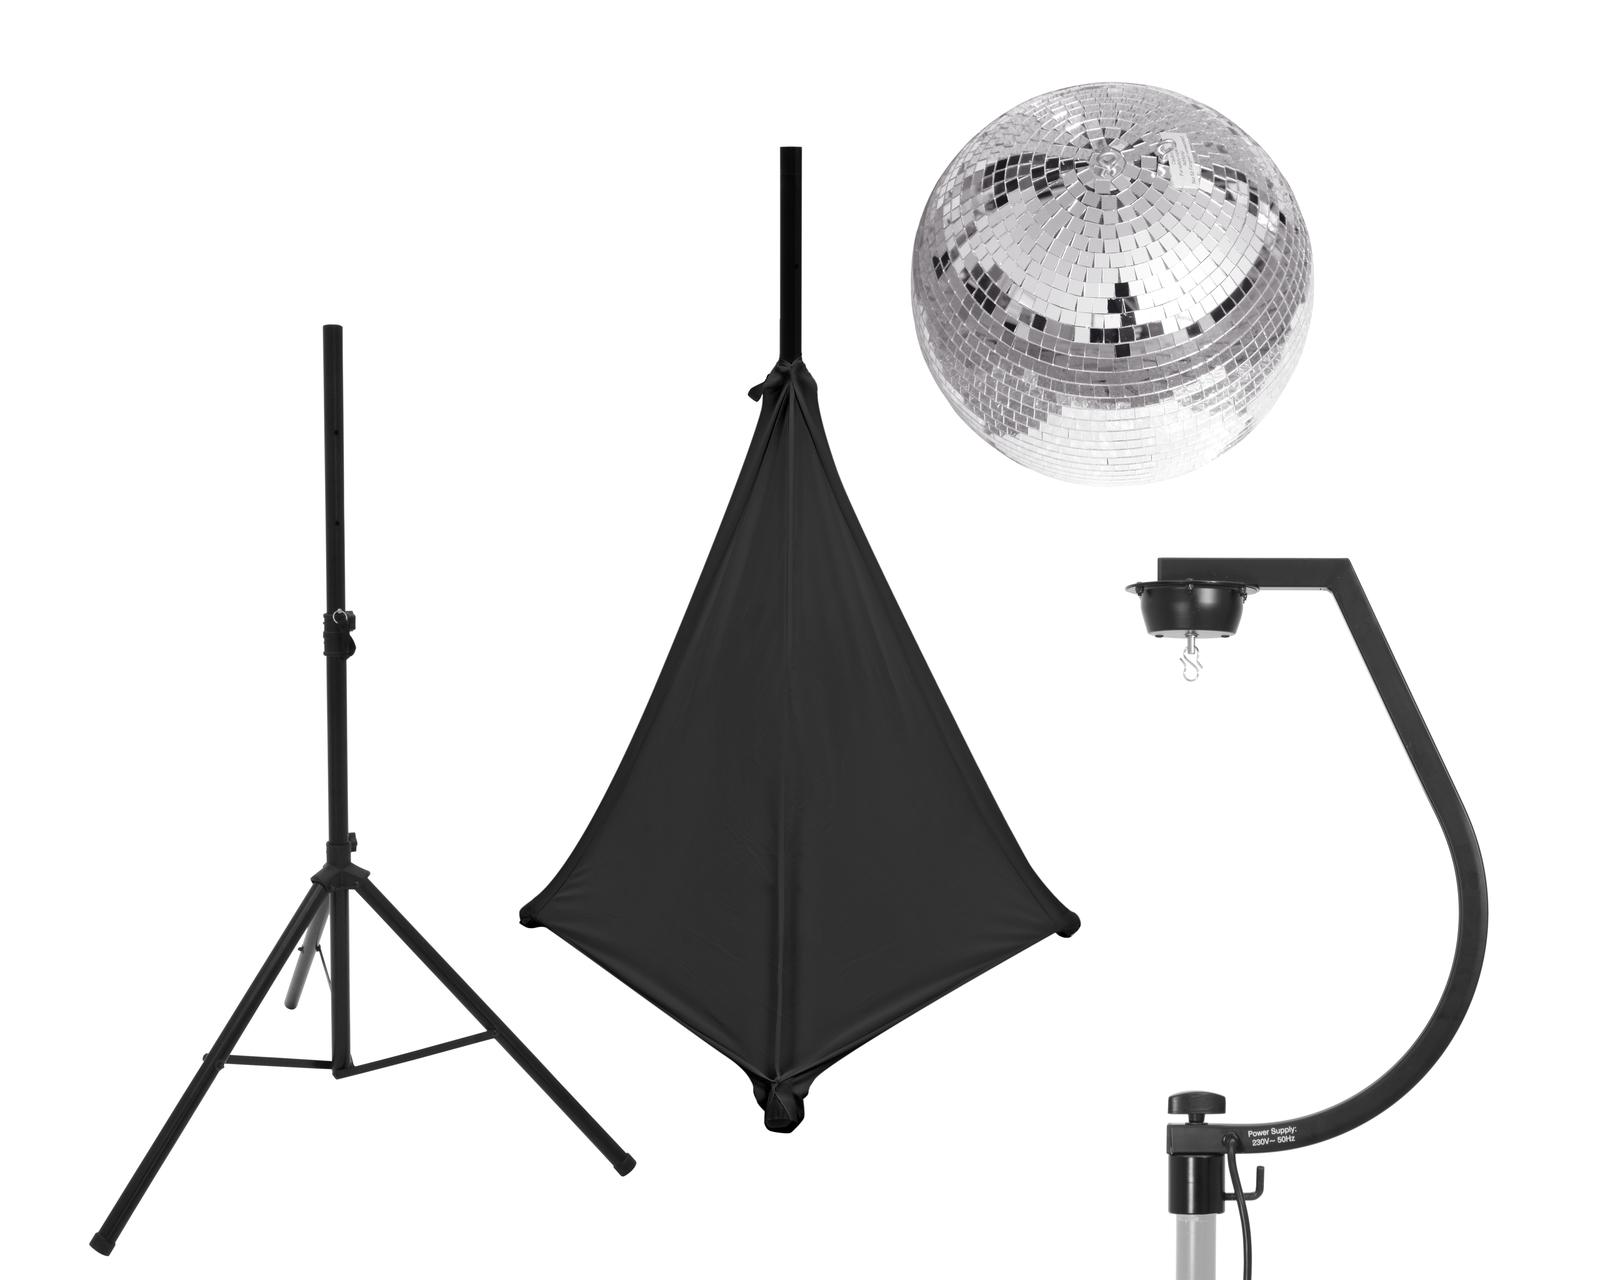 EUROLITE Set Spiegelkugel 30cm mit Stativ und Segel schwarz